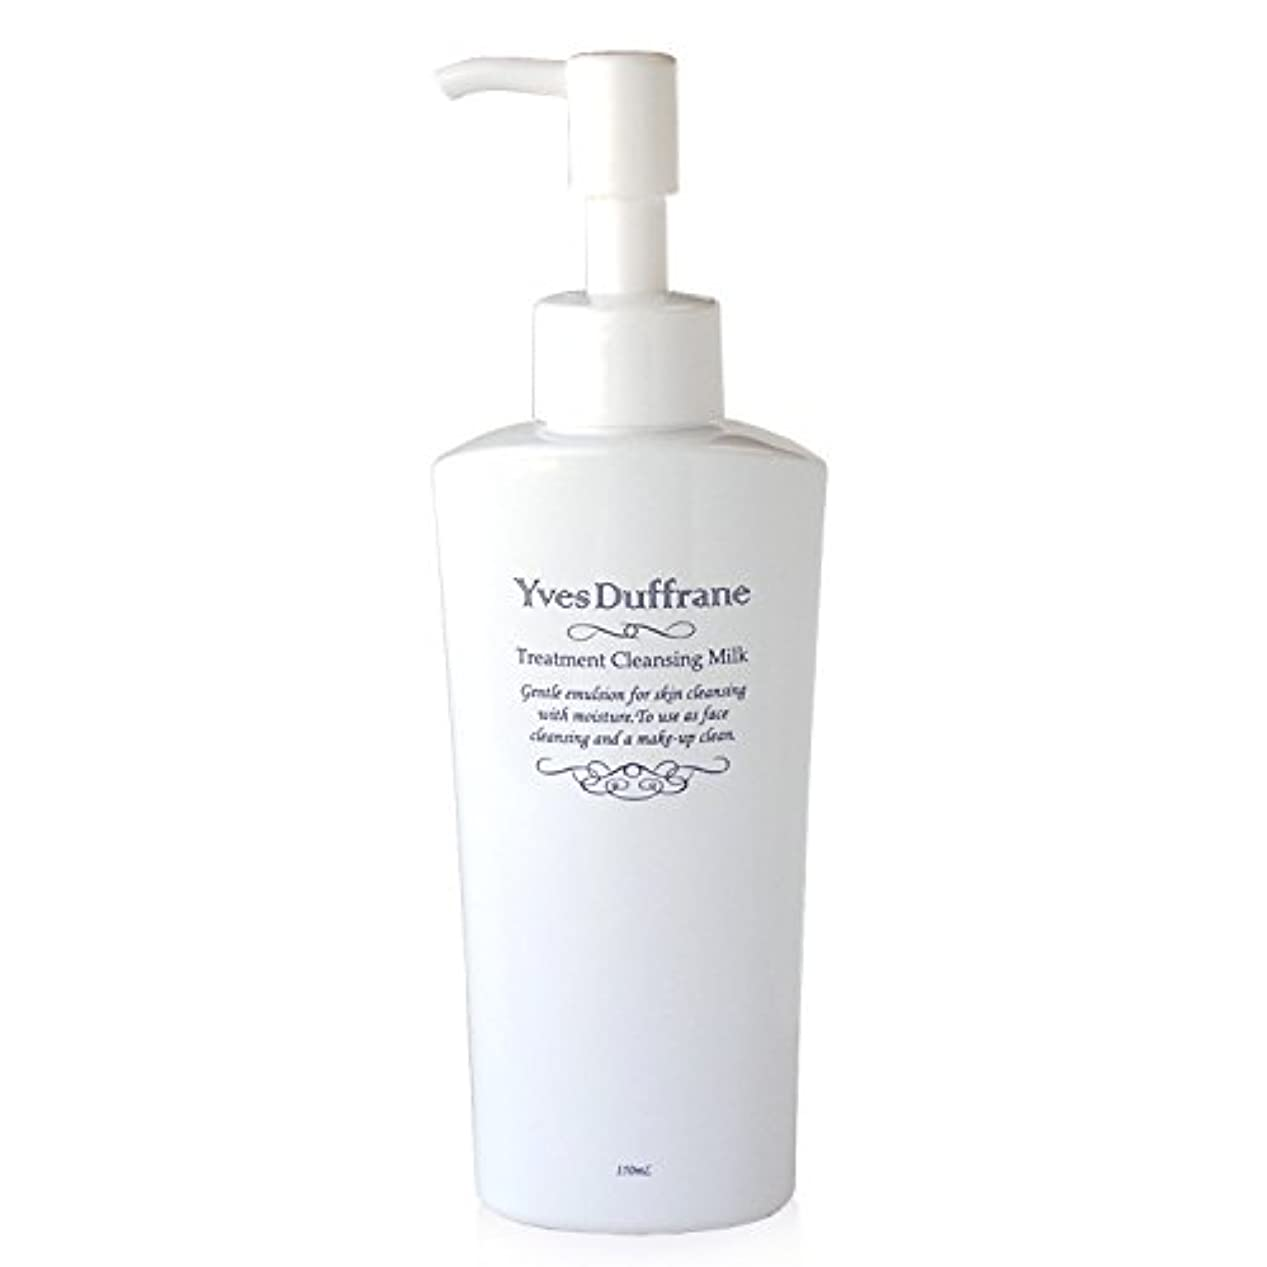 ミキサー発送湖クレンジングミルク W洗顔不要 [ セラミド 配合 トリートメント クレンジング ミルク ] 毛穴 敏感 乾燥肌